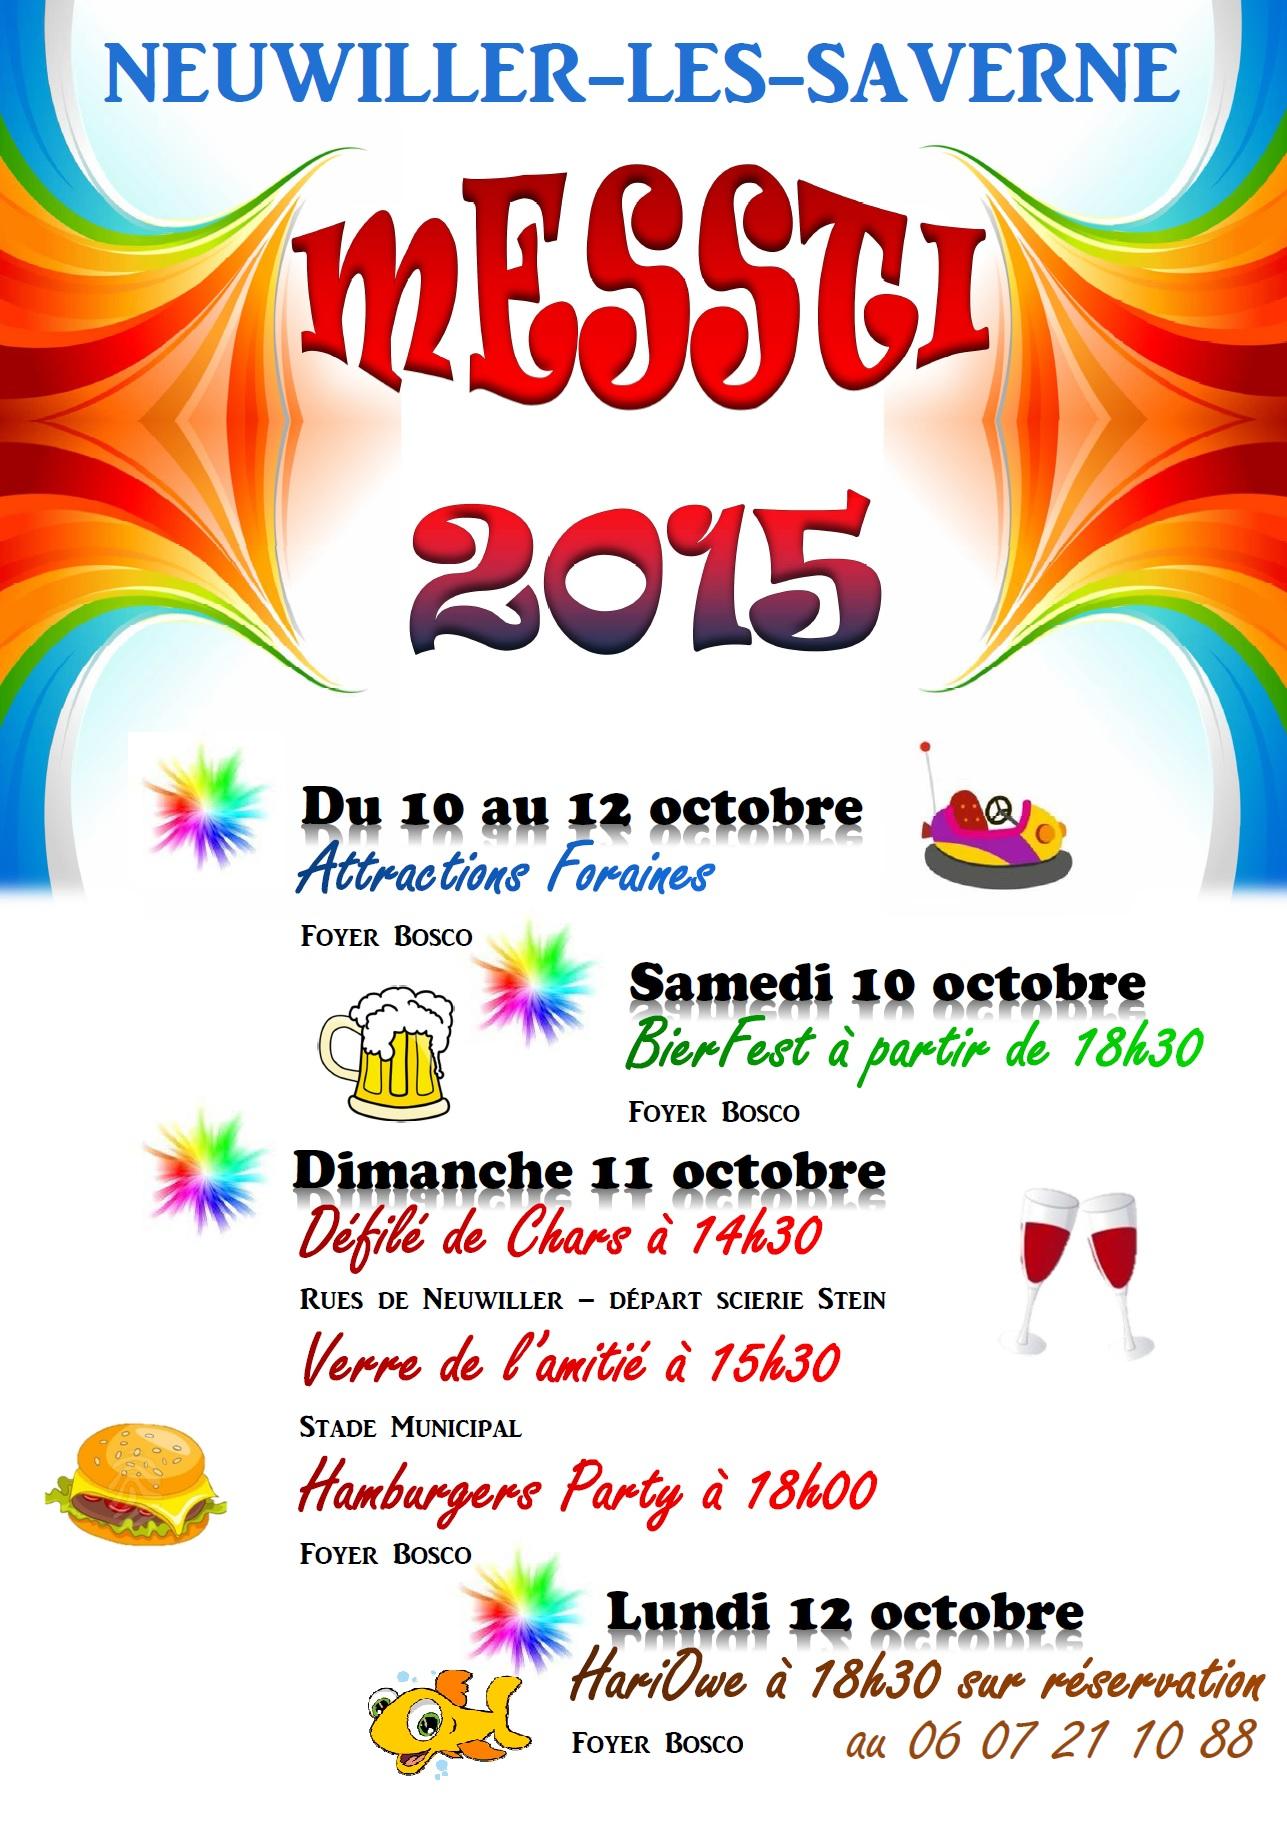 Messti 2015 1